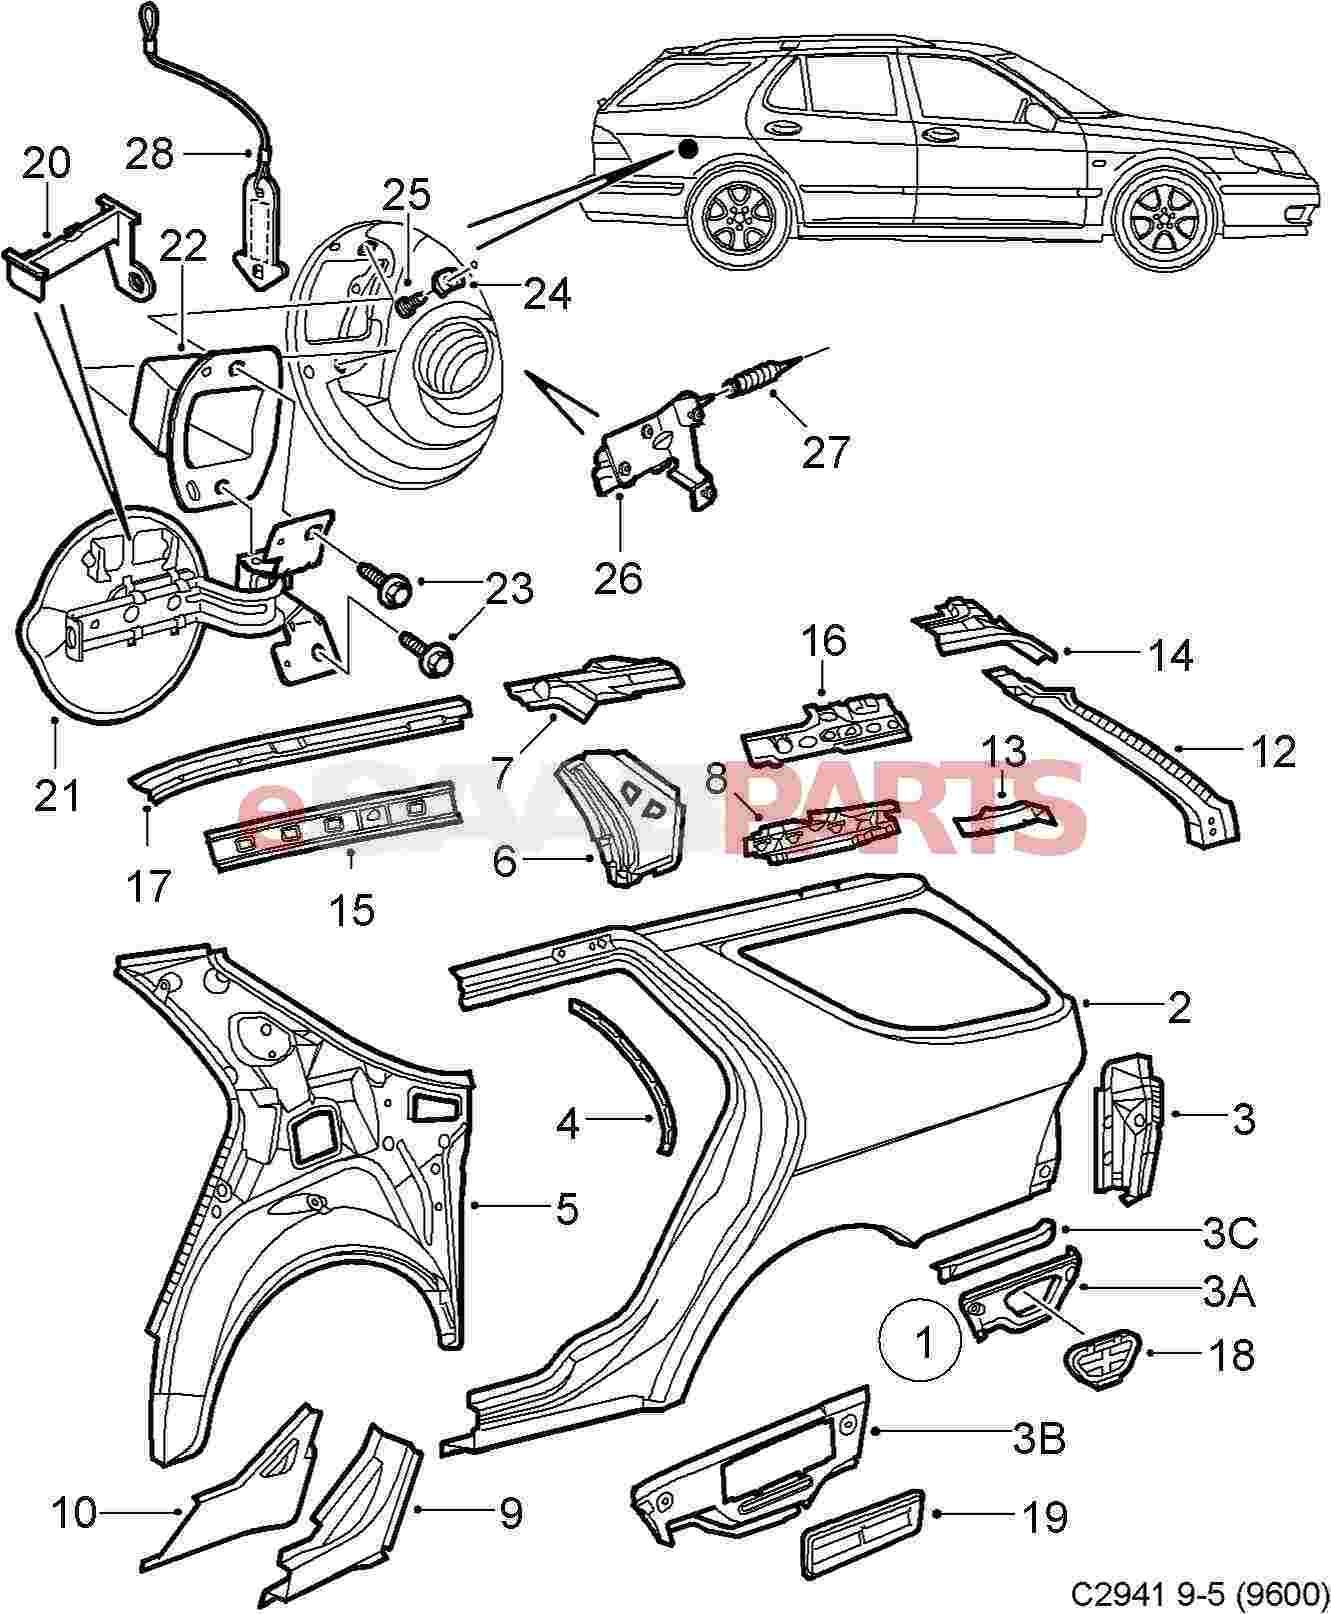 Diagram image 25